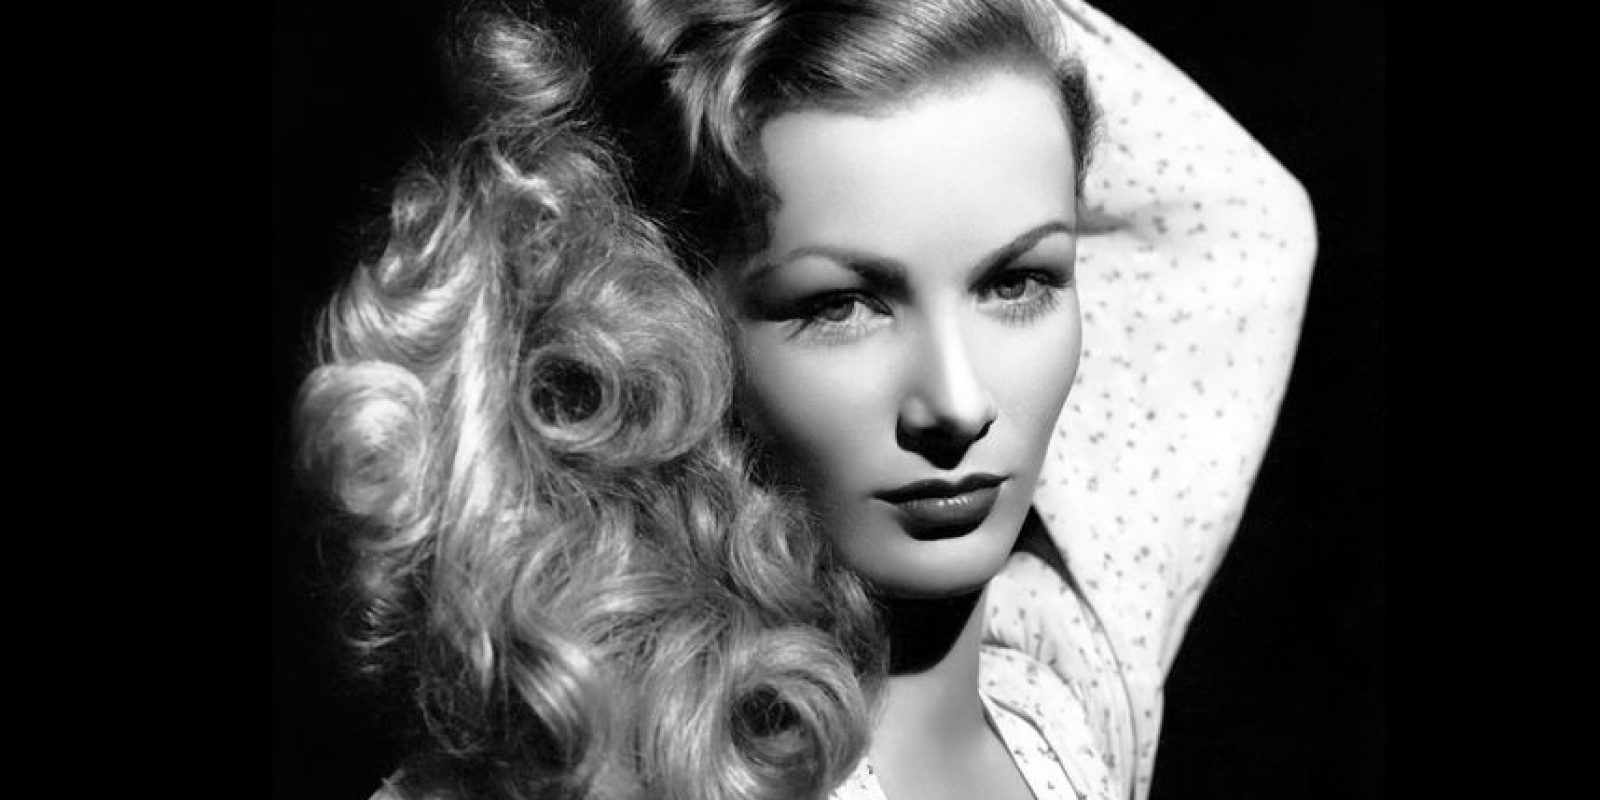 Veronica Lake, leyenda de Hollywood, destruyó su carrera por problemas con el alcohol y comportamiento. Foto:vía Getty Images